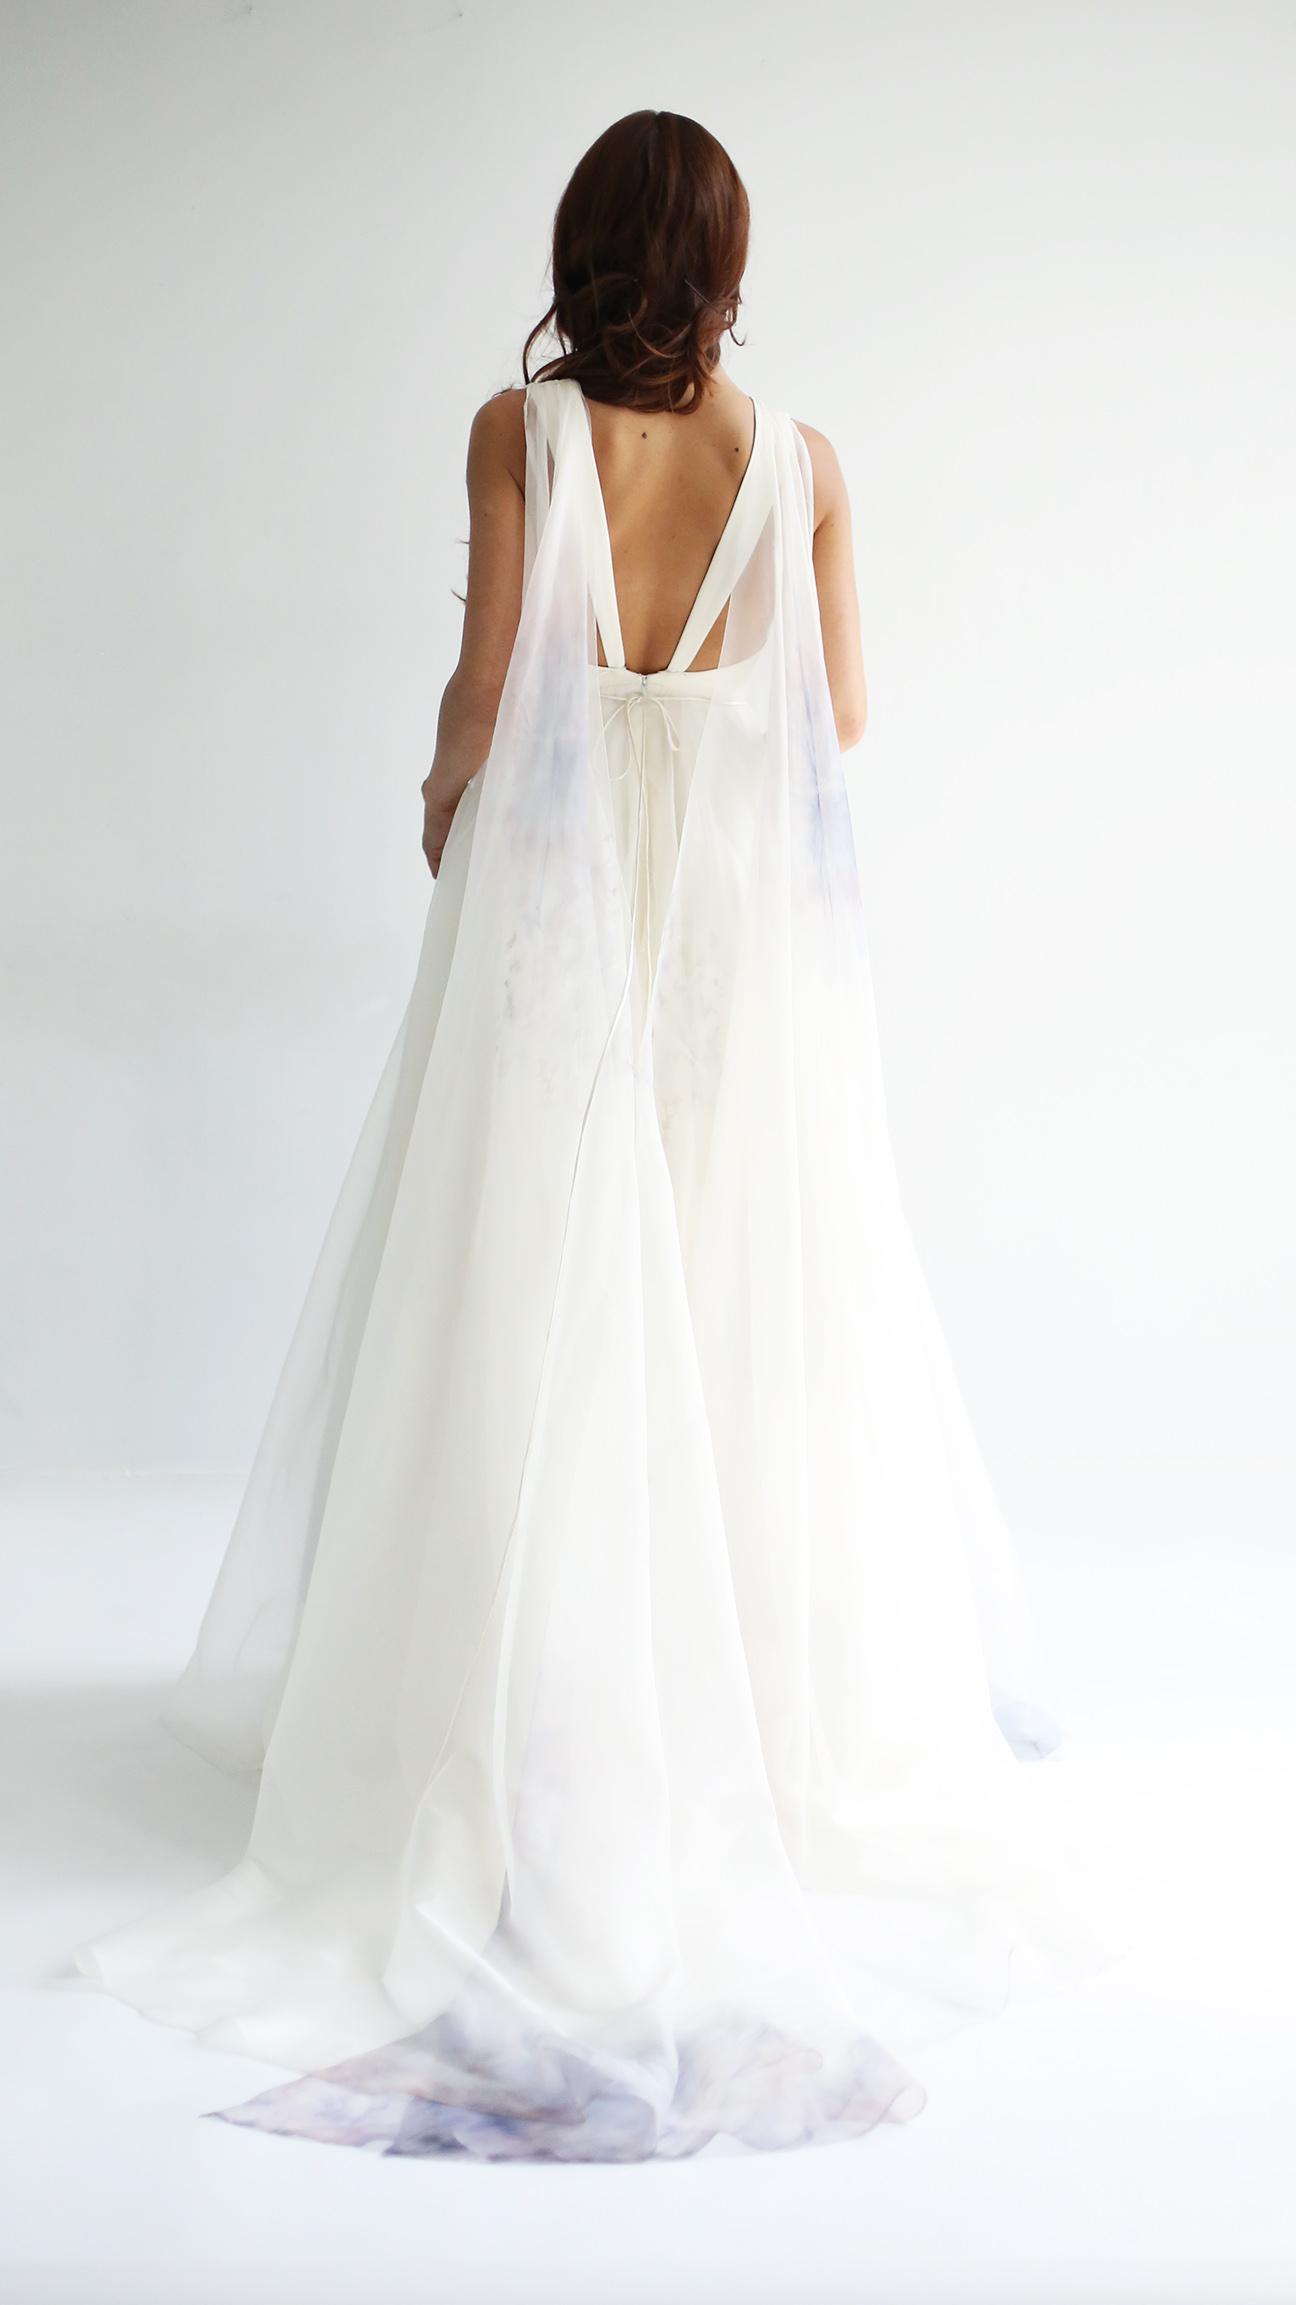 leanne-marshall-bridal-12.jpg